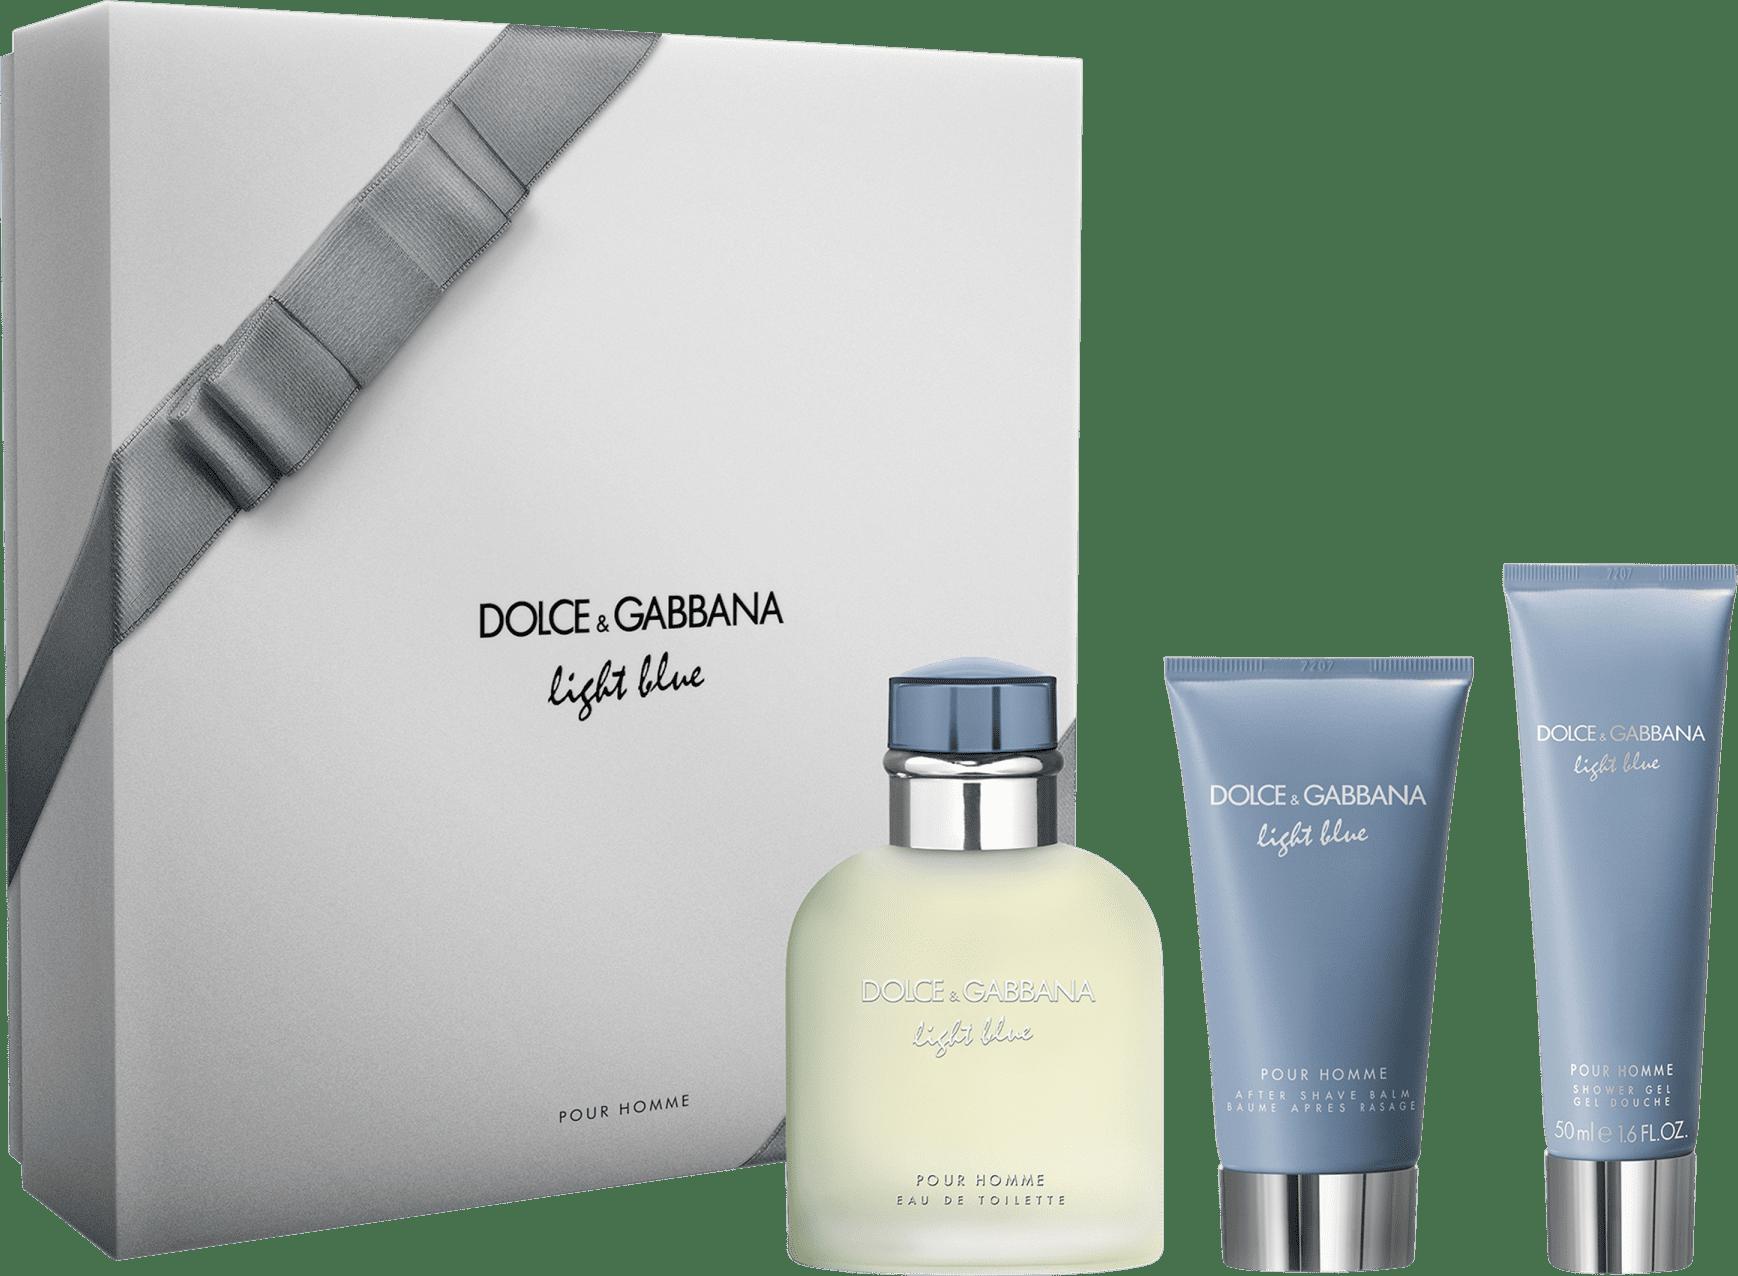 cce205cccf0f7 Conjunto Light Blue Pour Homme Dolce   Gabbana Masculino - Eau de Toilette  125ml + Gel